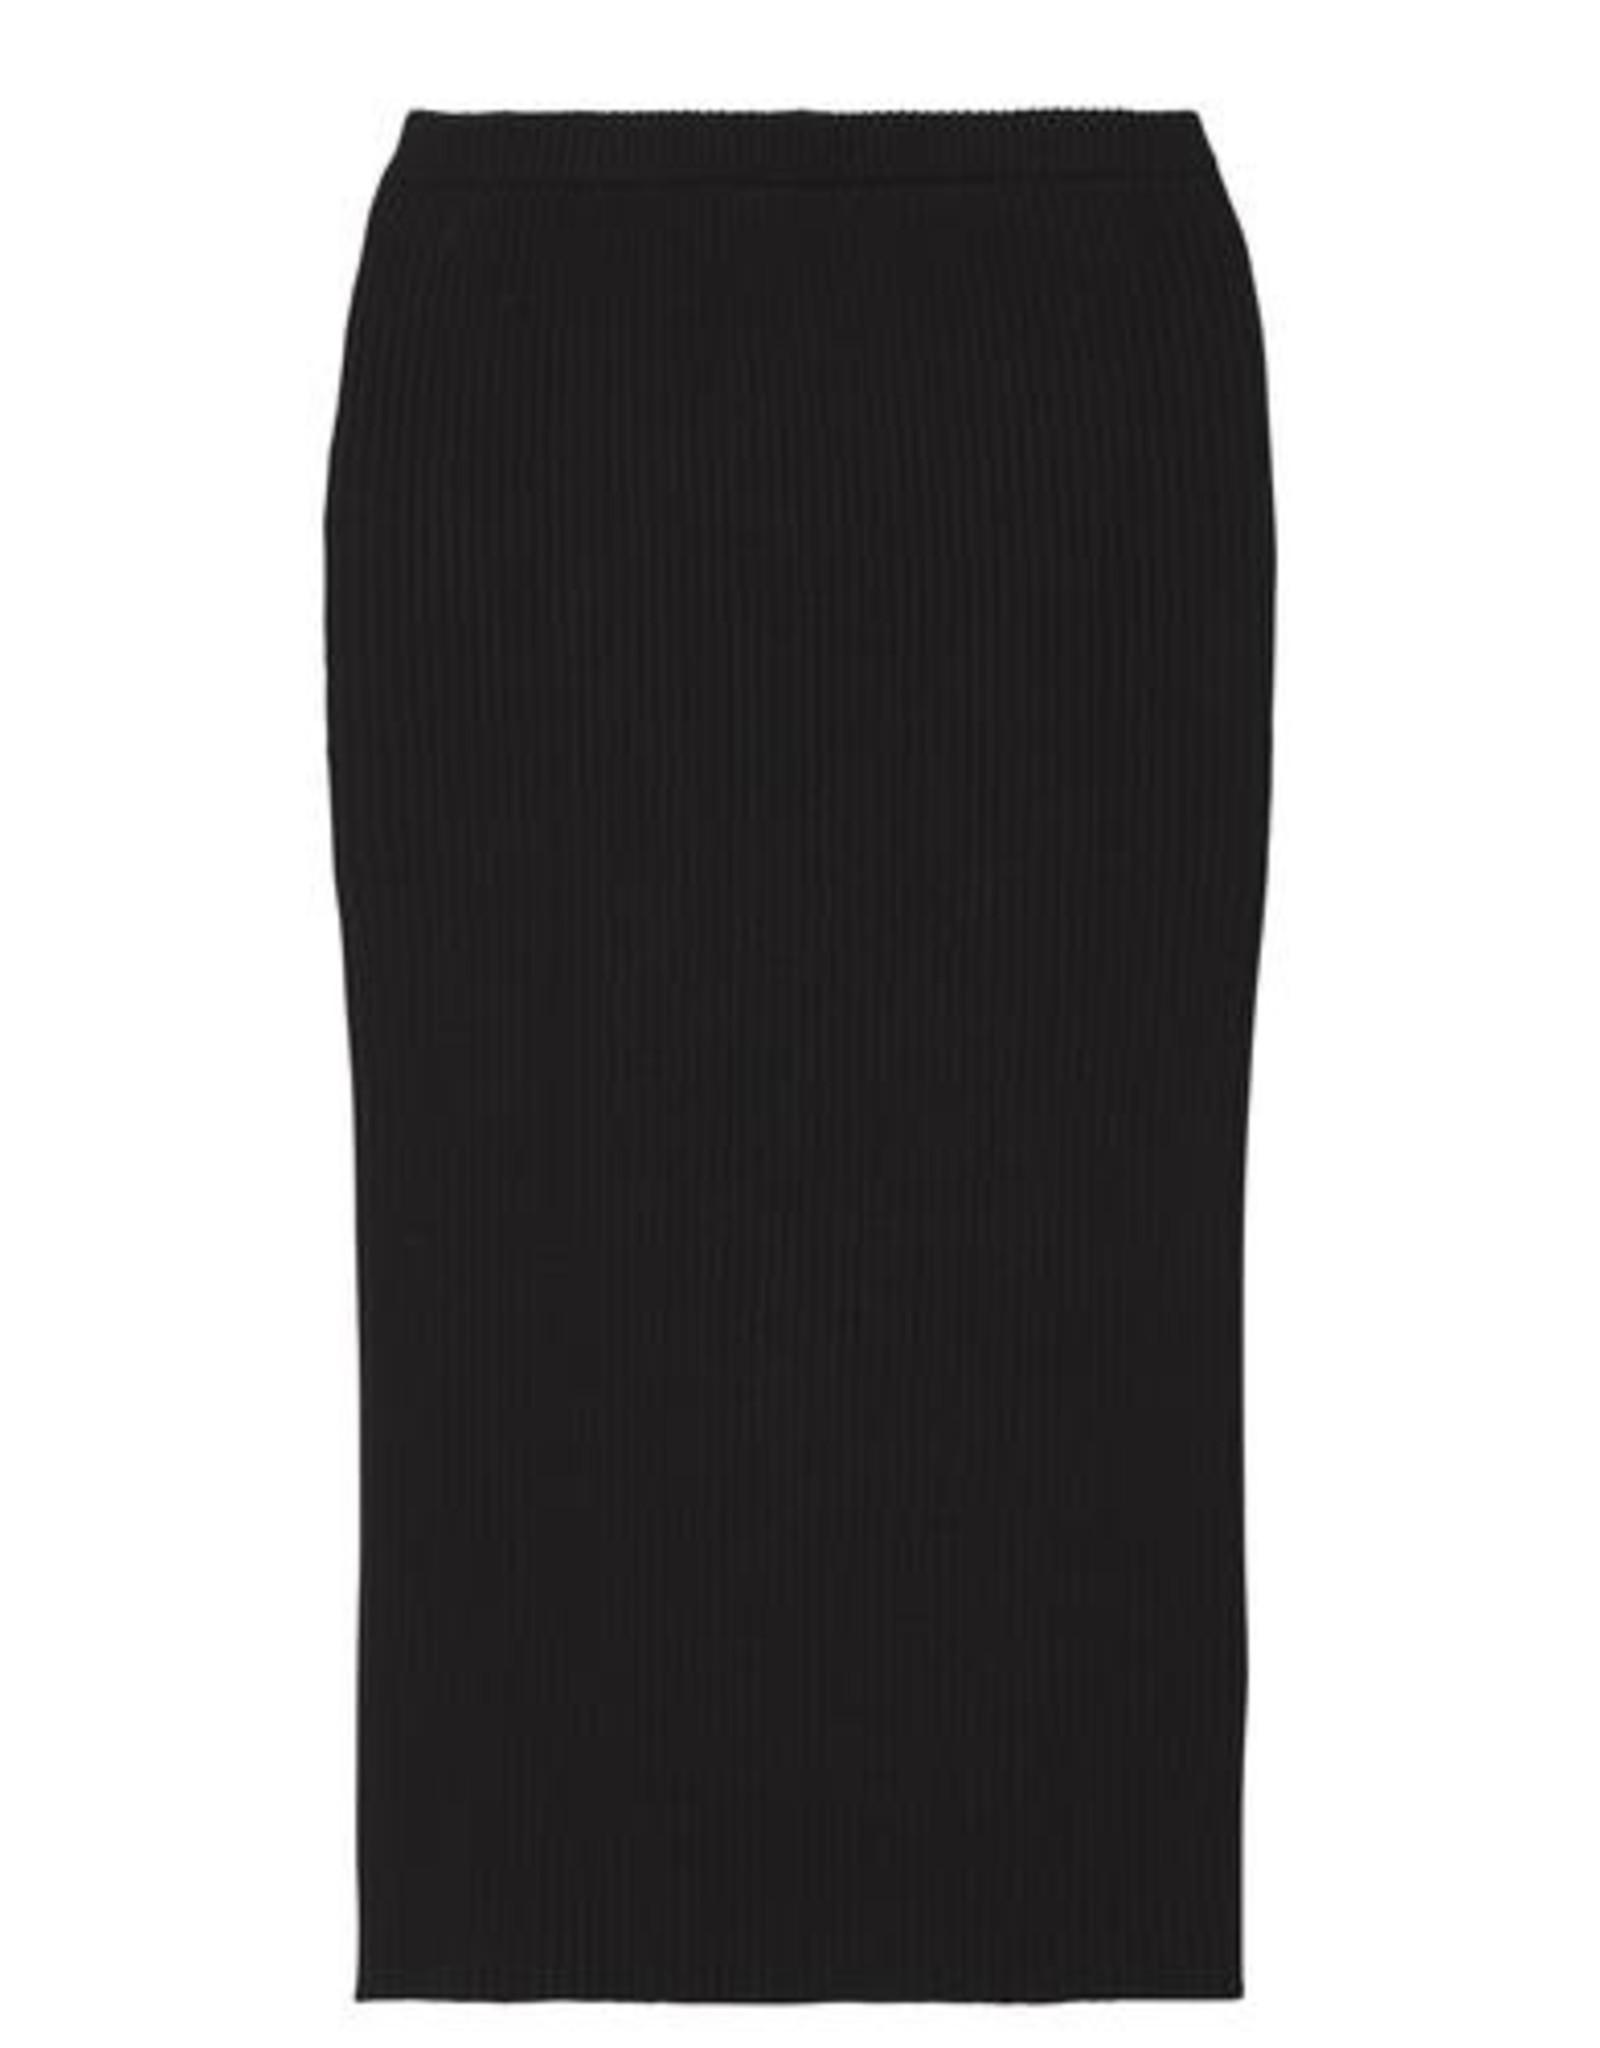 10Days Skirt Rib Black